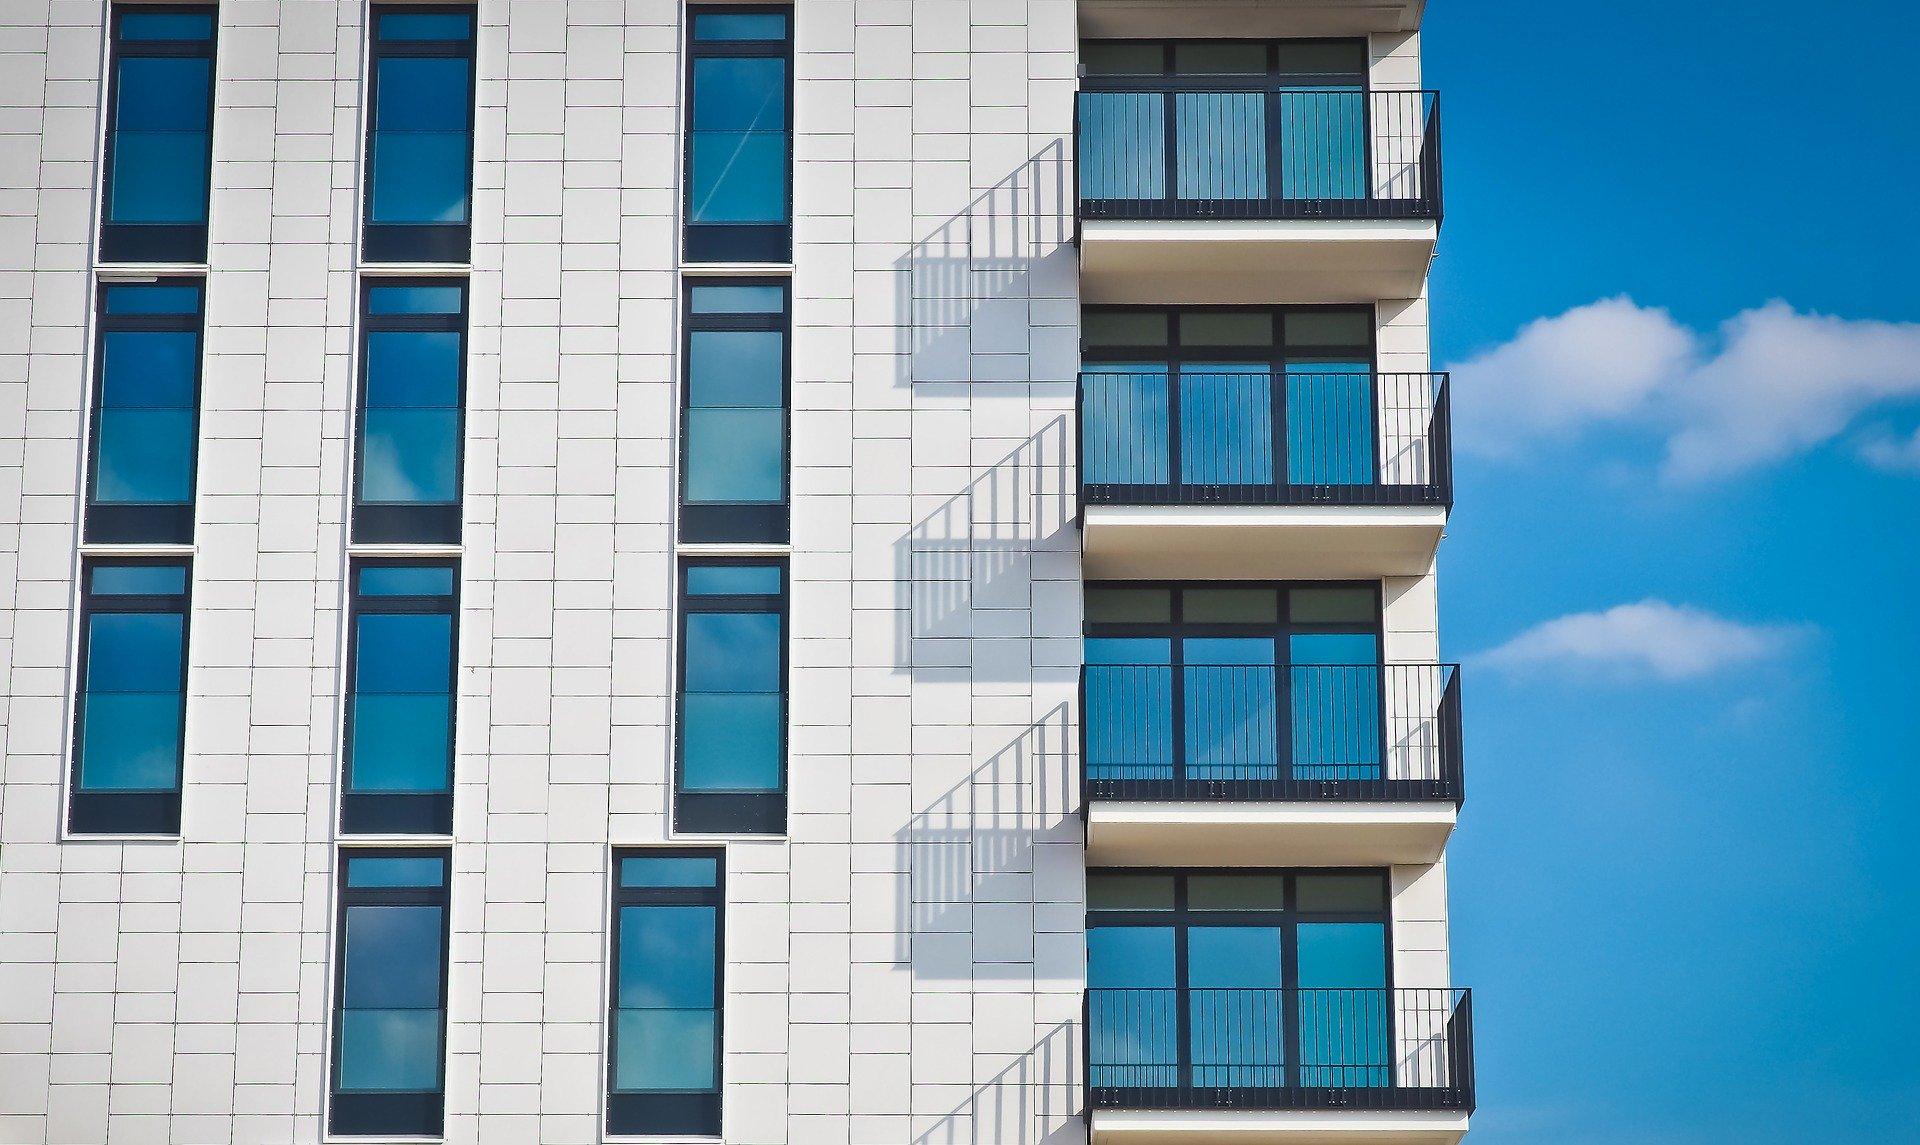 Cursos Aplicación y Seguimiento de Medidas de Prevención de Riesgos Laborales en la Limpieza de Edificios y Locales